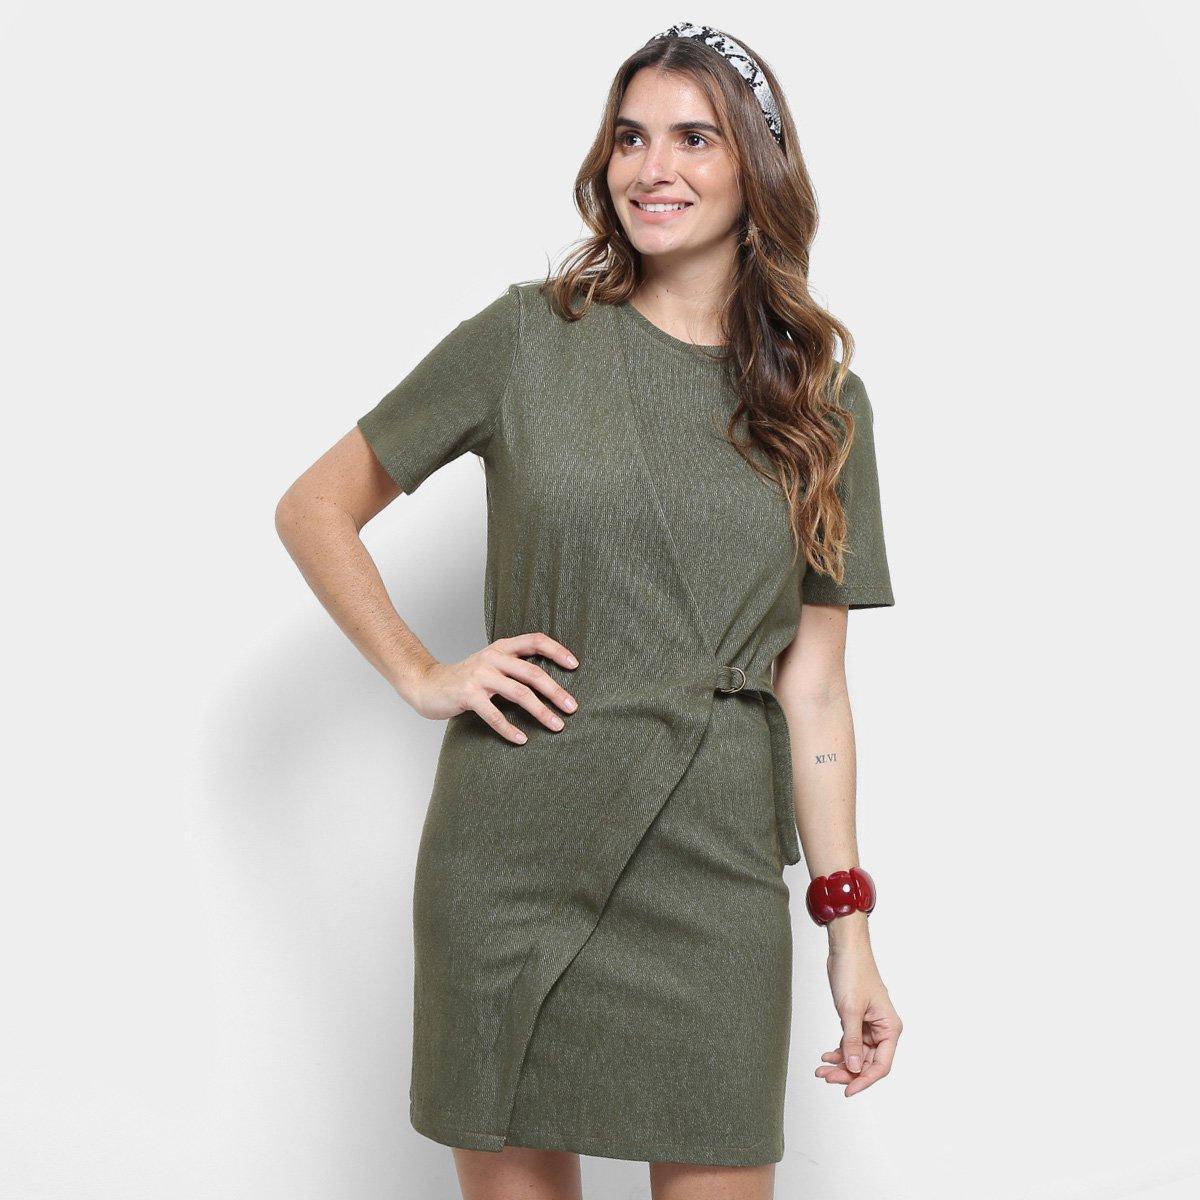 Vestido verde militar tubinho